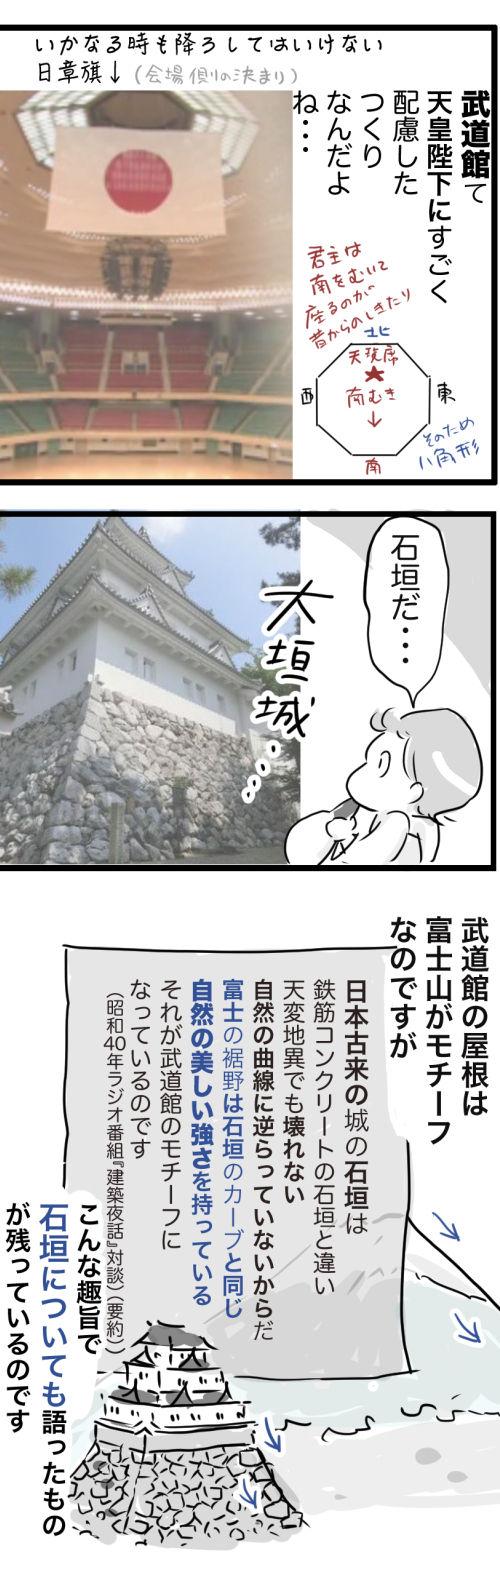 大垣3−3